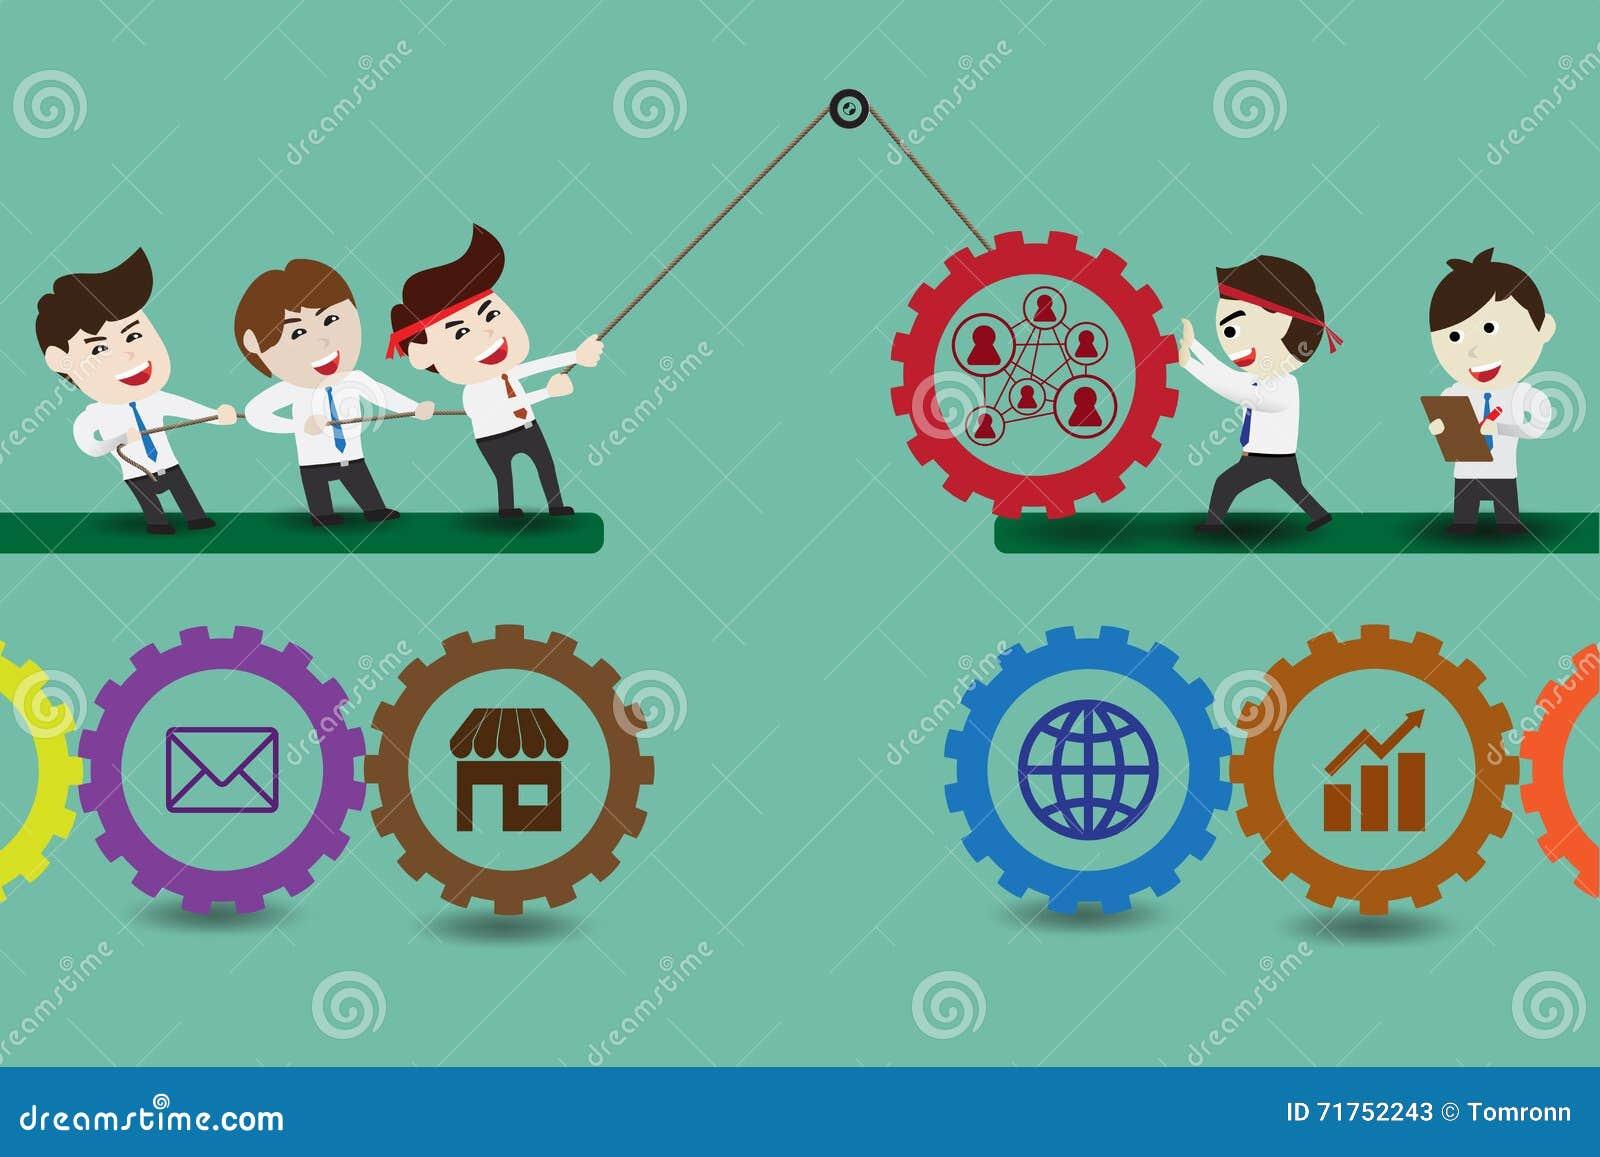 Συστατικά της ομαδικής εργασίας που οδηγούν στην επιτυχή επιχείρηση